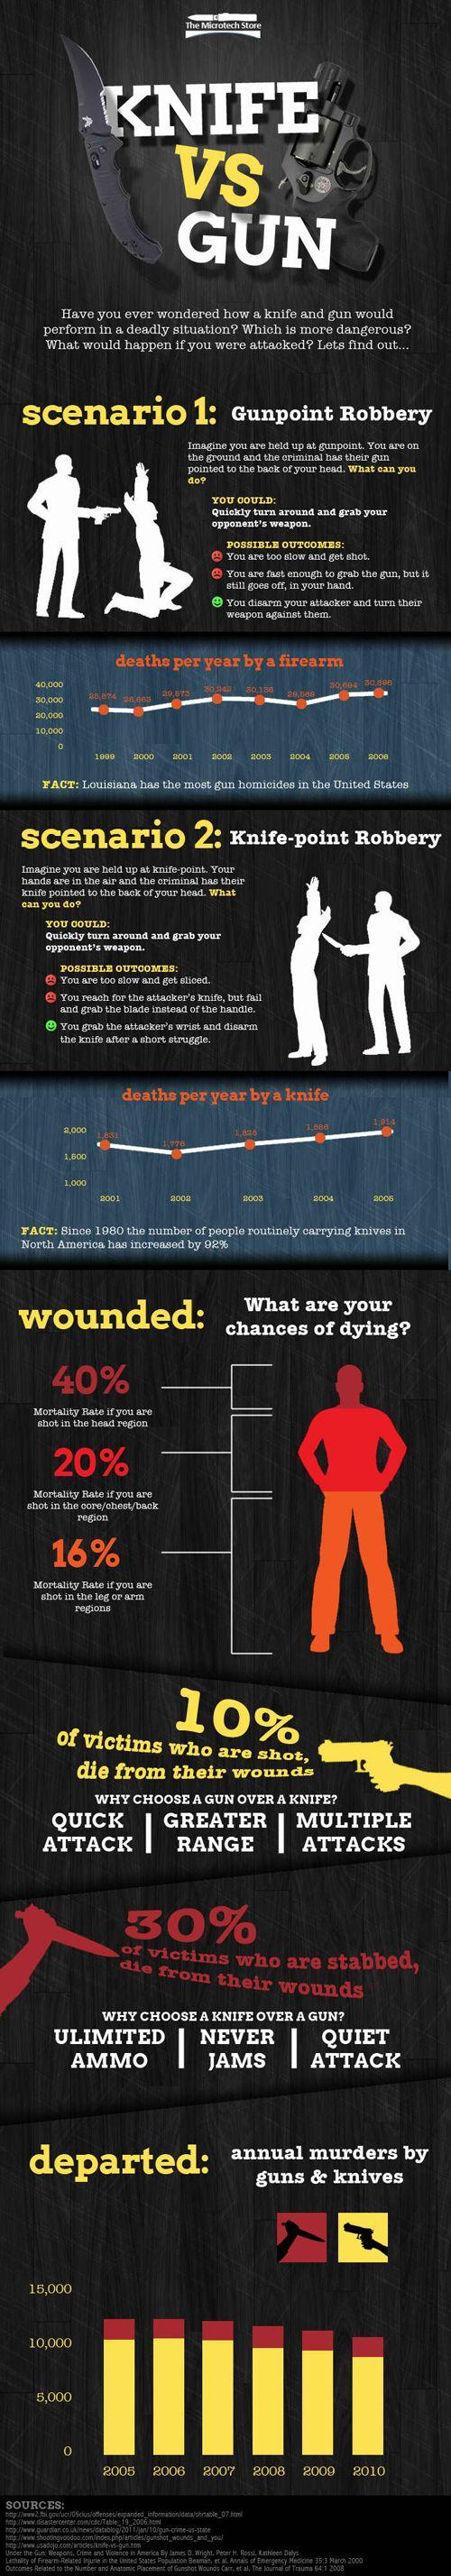 Knife-Vs.-Gun-Infographic